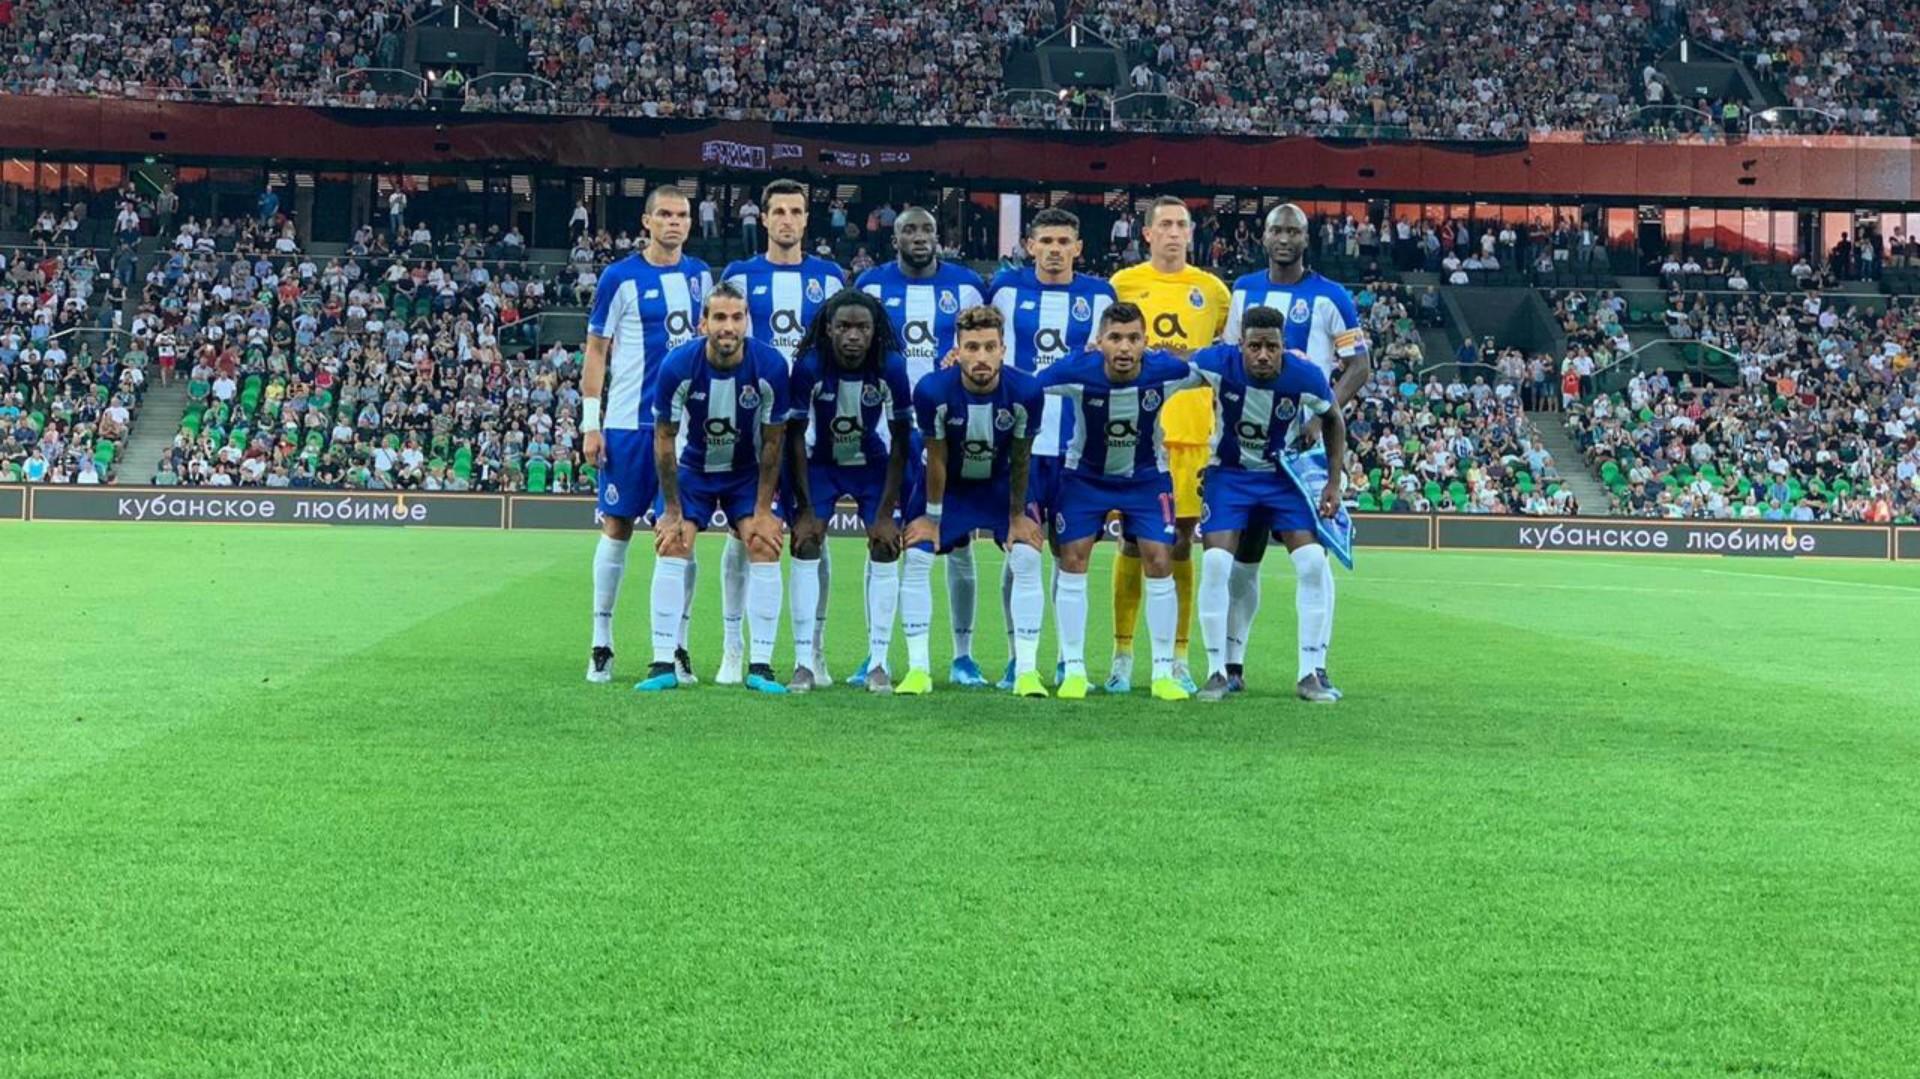 Cómo ver online el Porto vs Krasnodar y a qué hora es | Goal.com